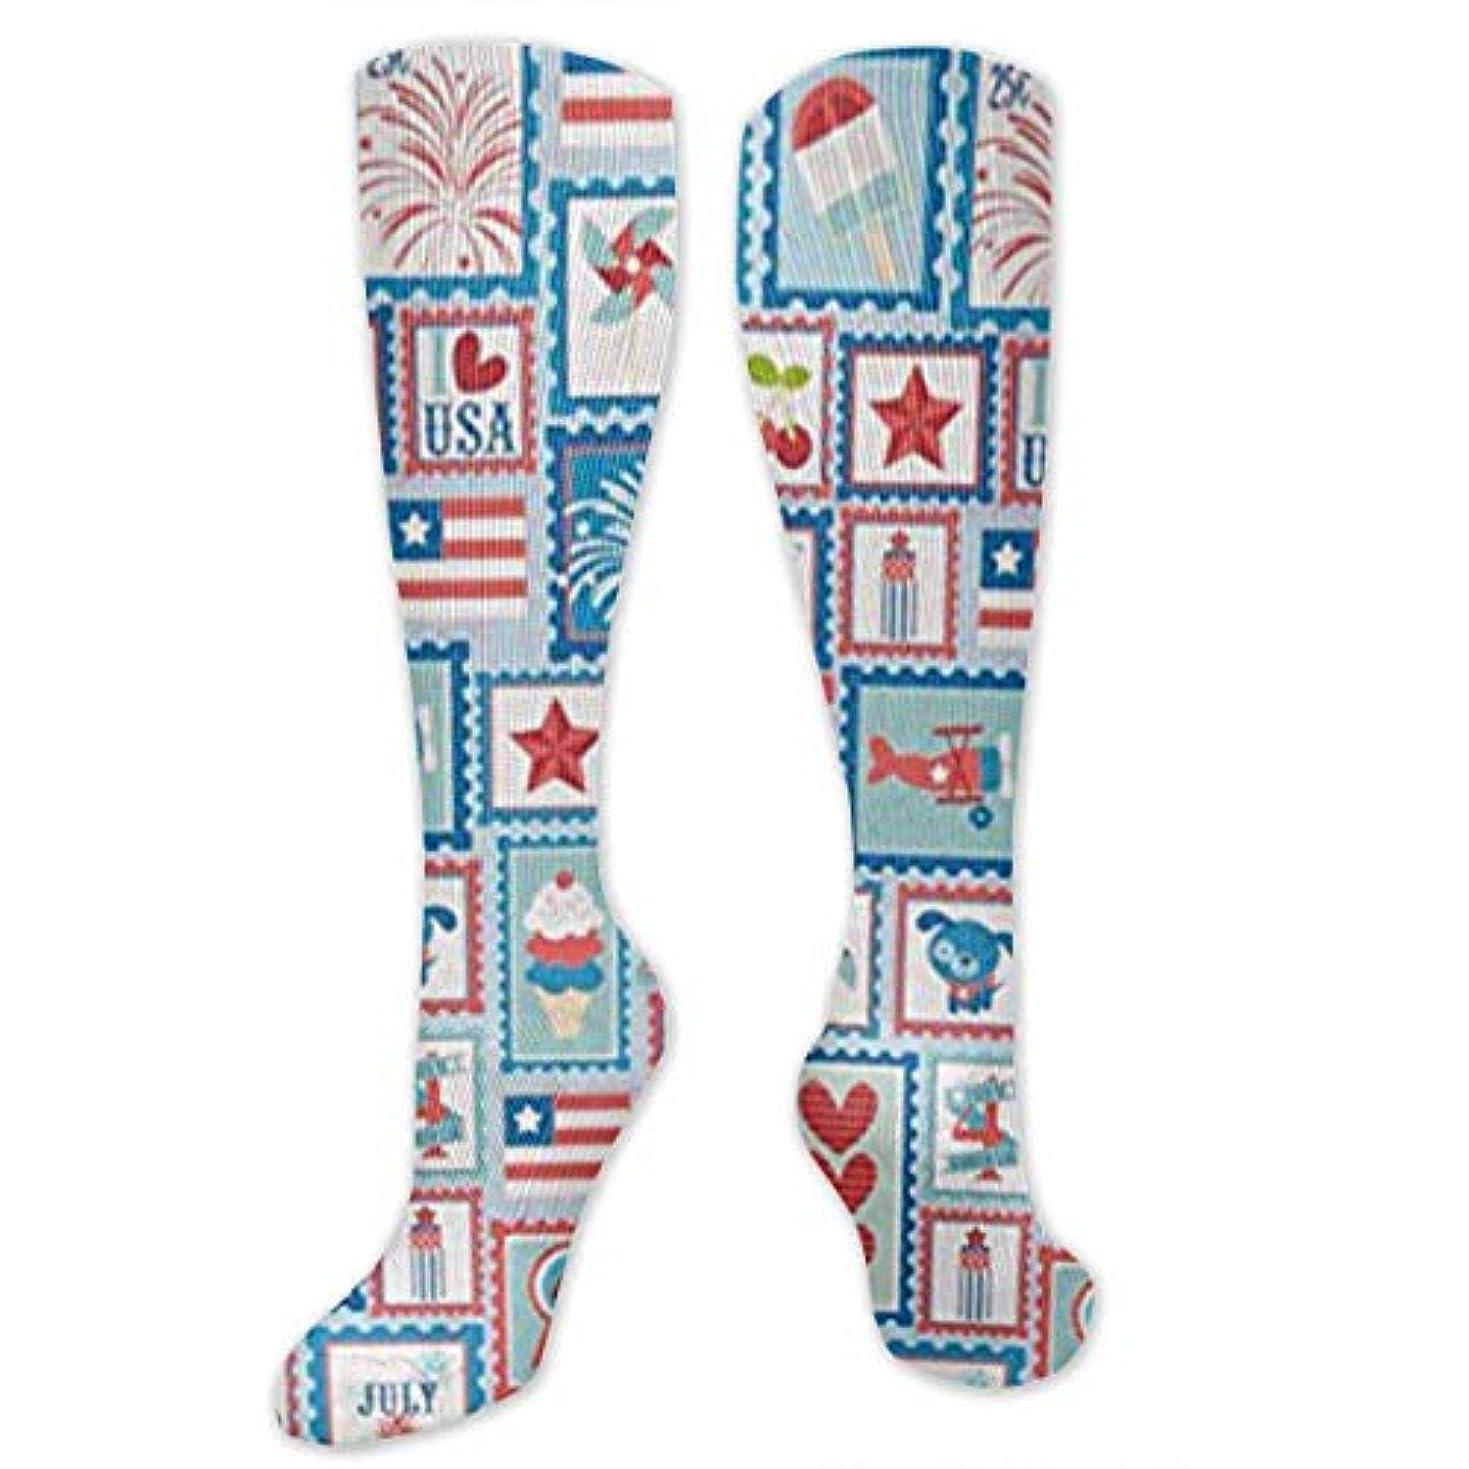 マーベルしてはいけない保護する靴下,ストッキング,野生のジョーカー,実際,秋の本質,冬必須,サマーウェア&RBXAA Star Spangled Patchwork Stripe Blue Socks Women's Winter Cotton Long...